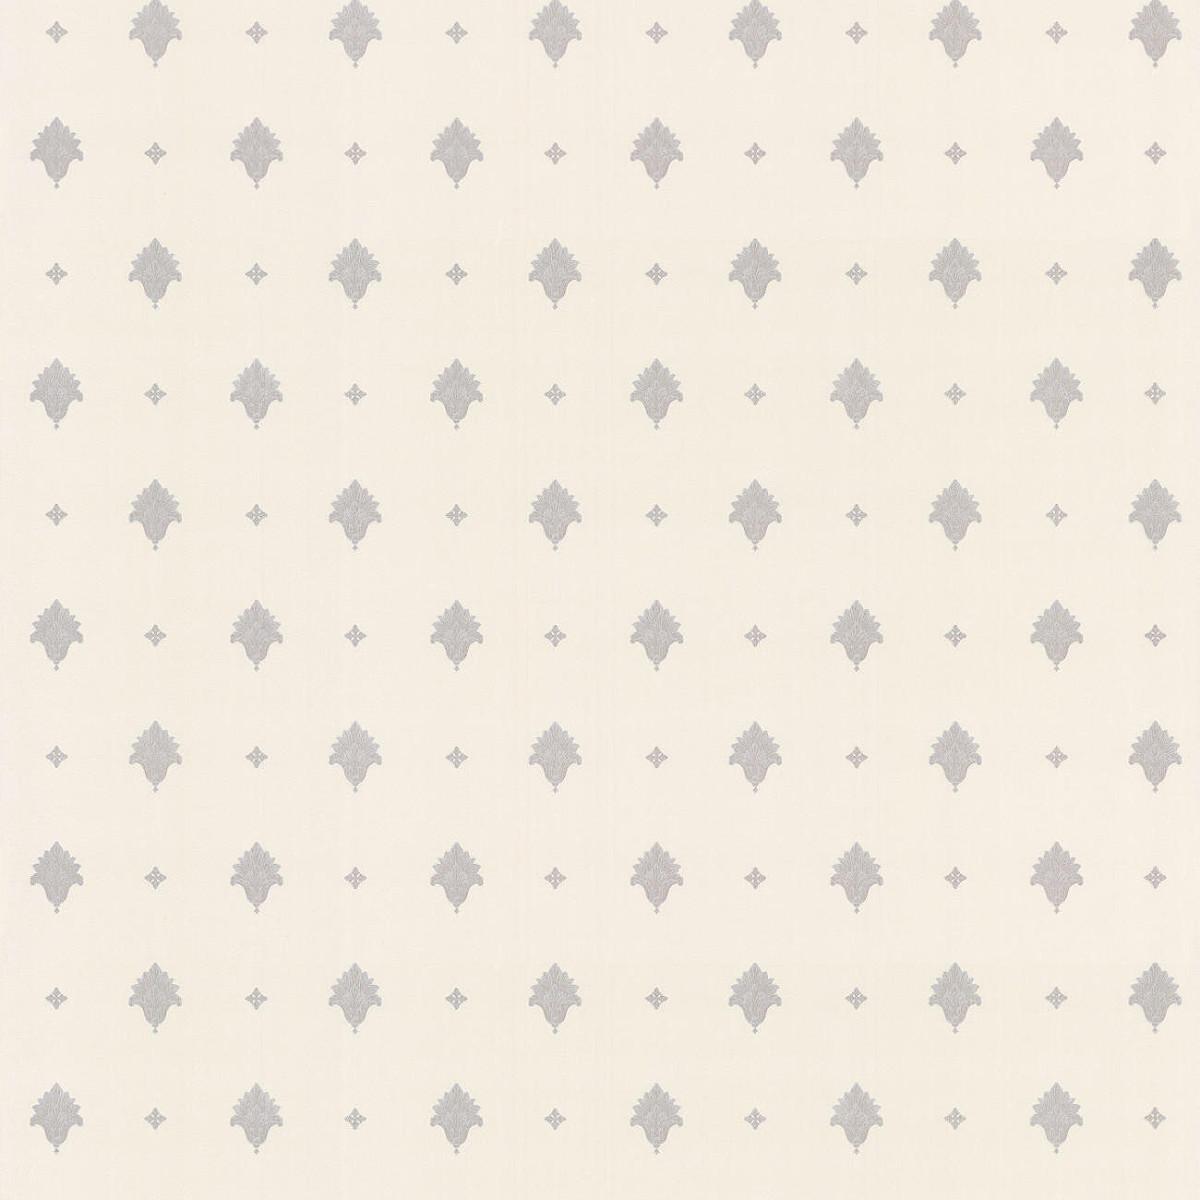 Обои флизелиновые Мир Авангард Damasco Alcantara серые 1.06 м 11-248-03